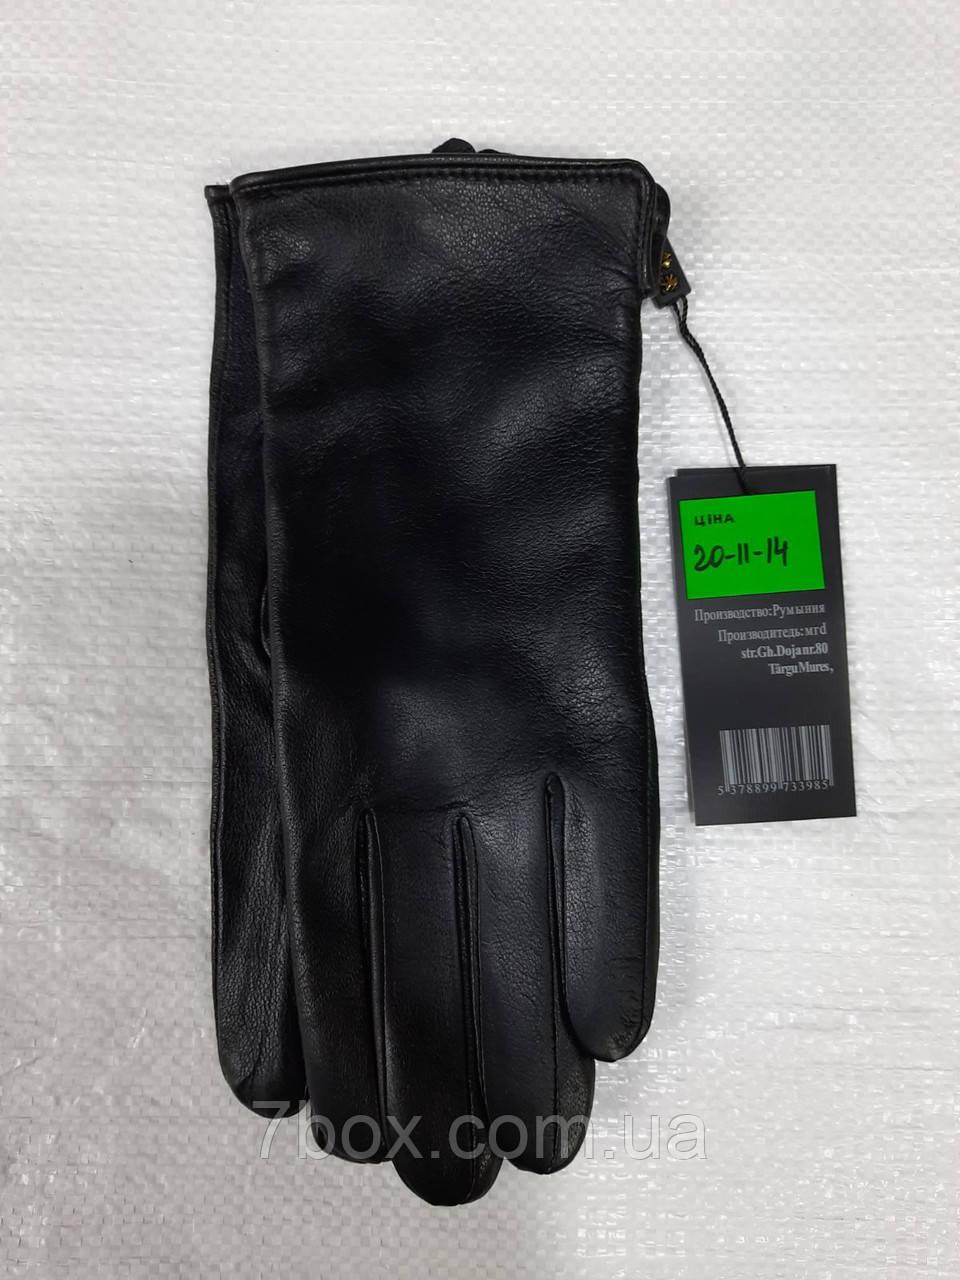 Перчатки женские Кожа плюшевая махра Оптом 10 шт рр. 6.5-8.5 Черные